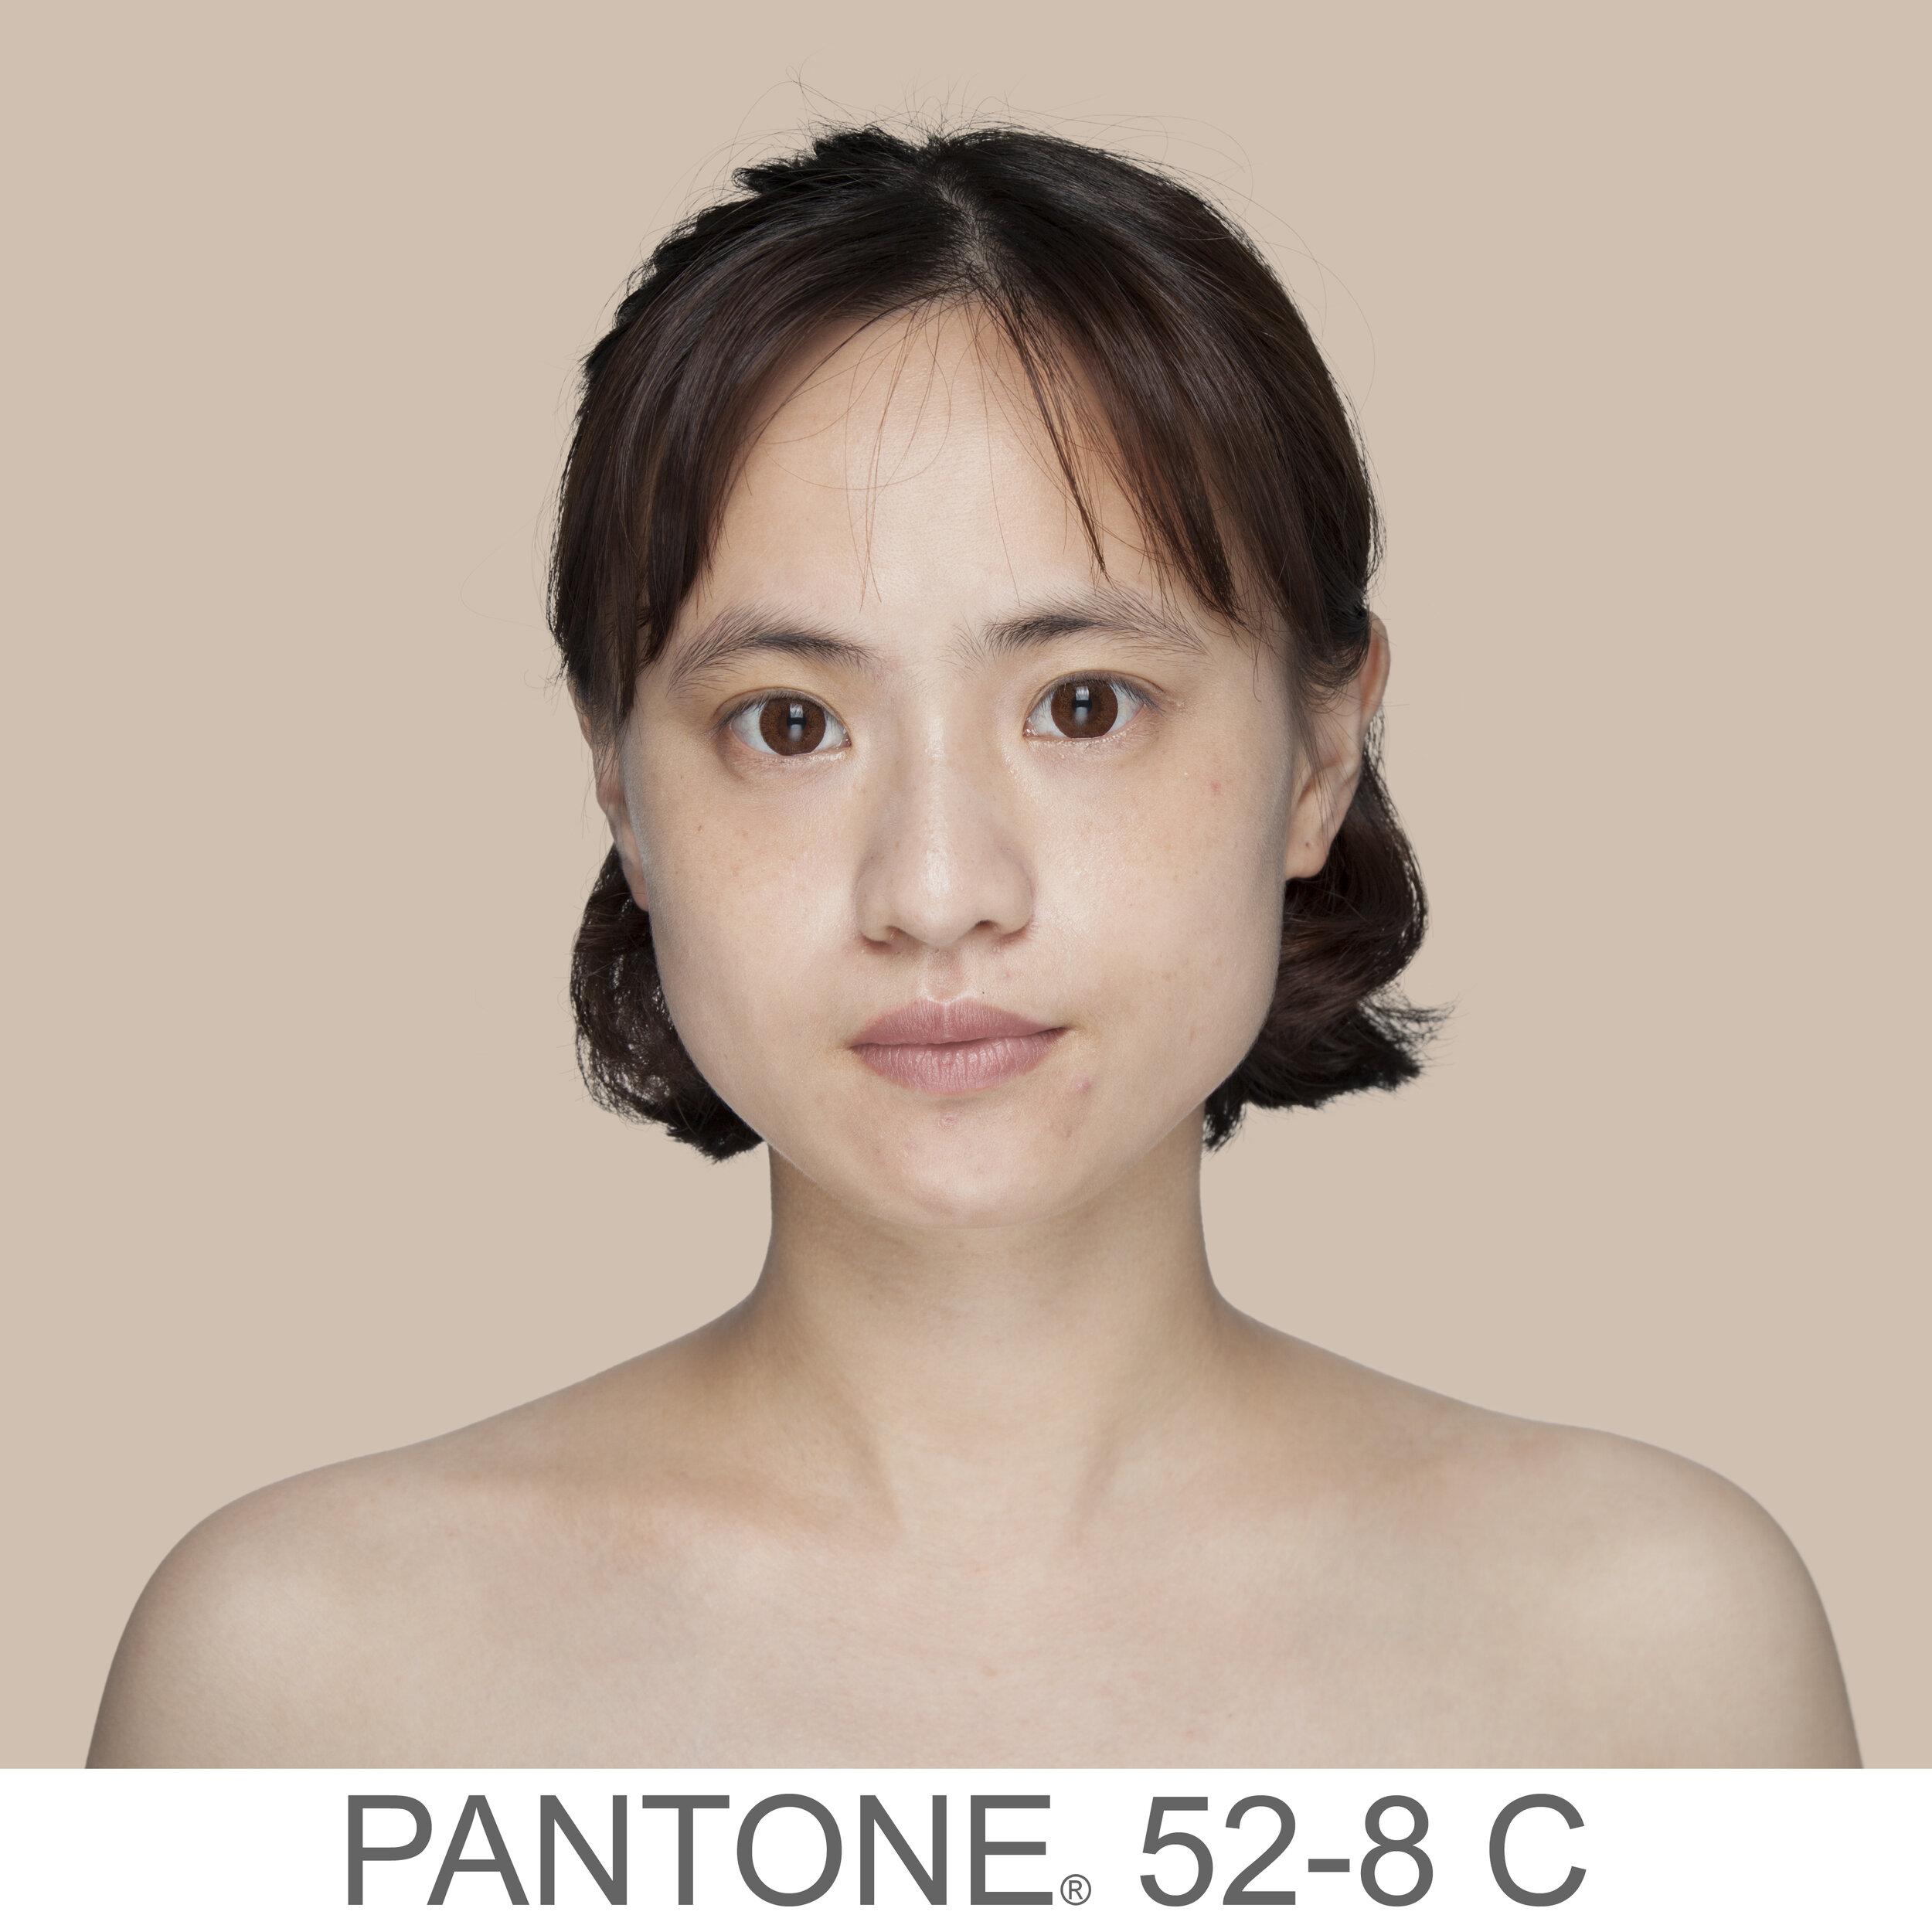 humanae 52-8 C1 CN copia.jpg